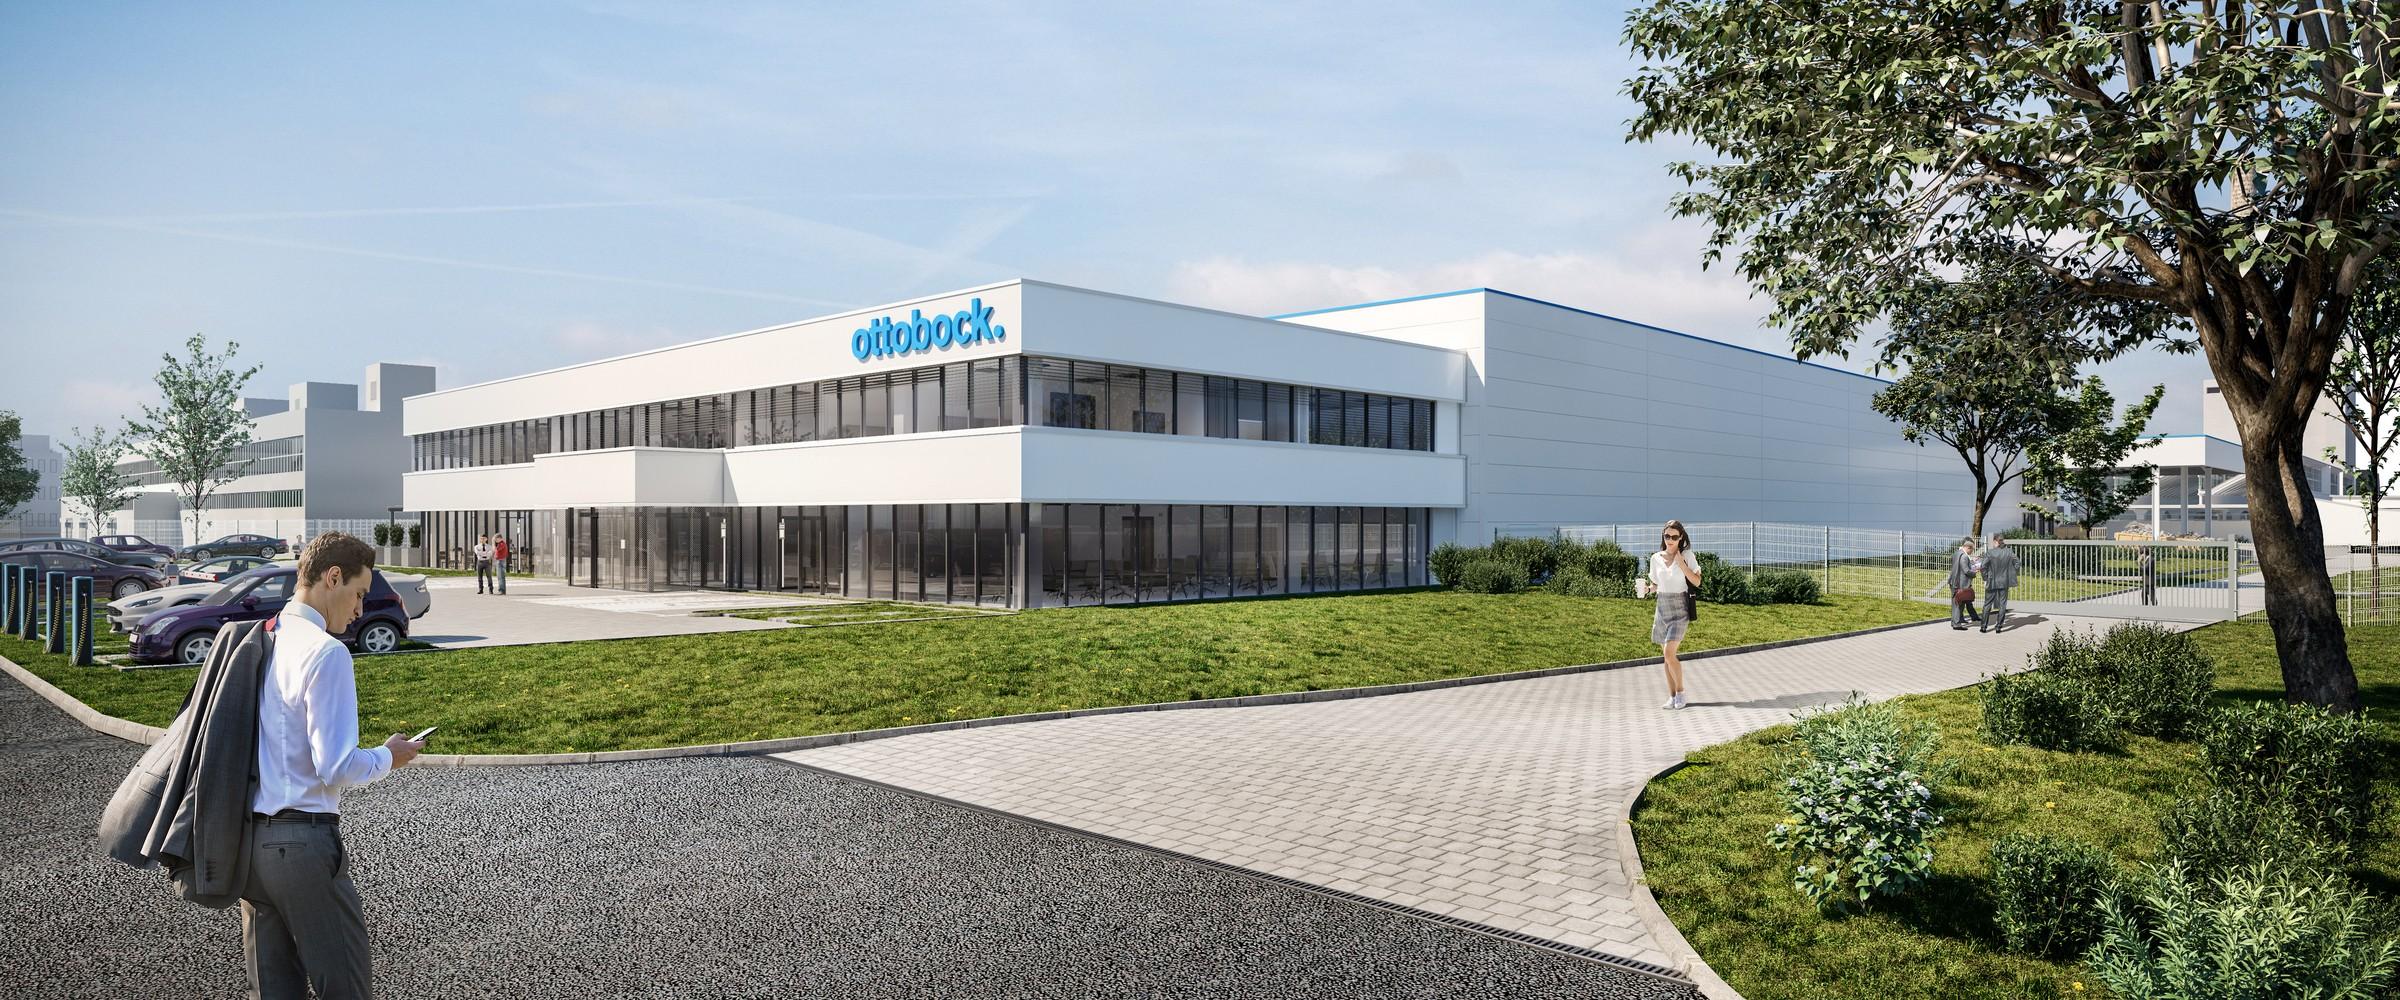 """""""Оттобок"""" започва строителството на своя нов завод в Благоевград"""